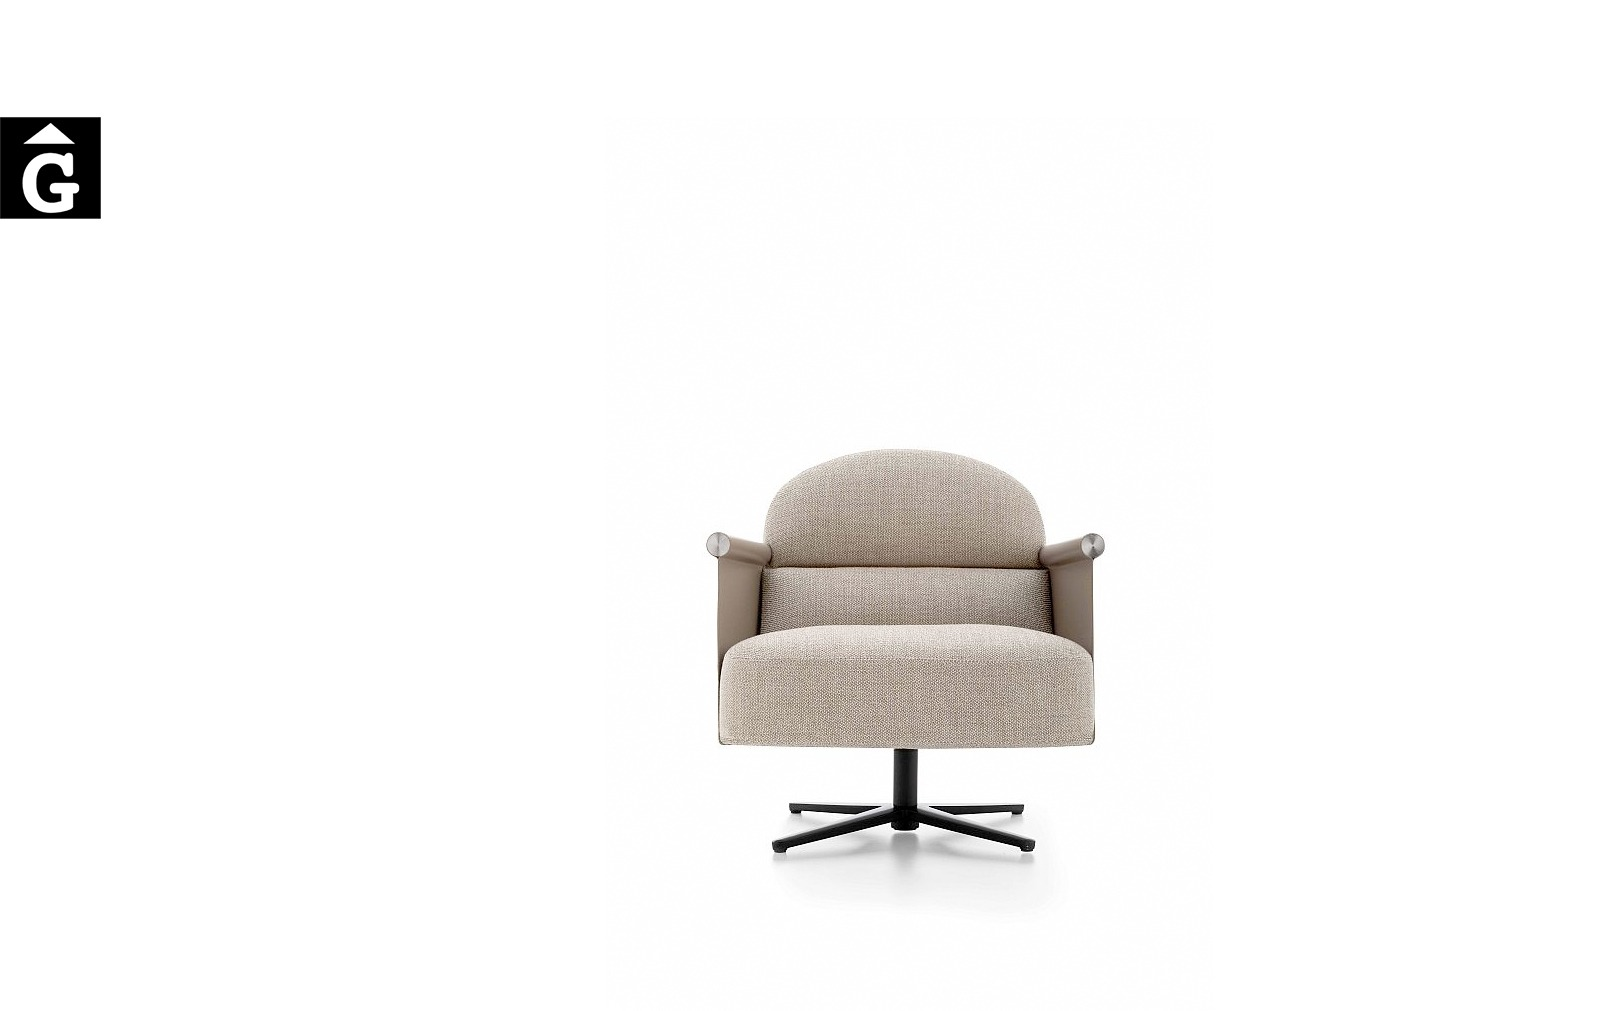 Butaca Beyl alta molt acollidora i elegant – Ditre Italia Sofas disseny i qualitat alta by mobles Gifreu